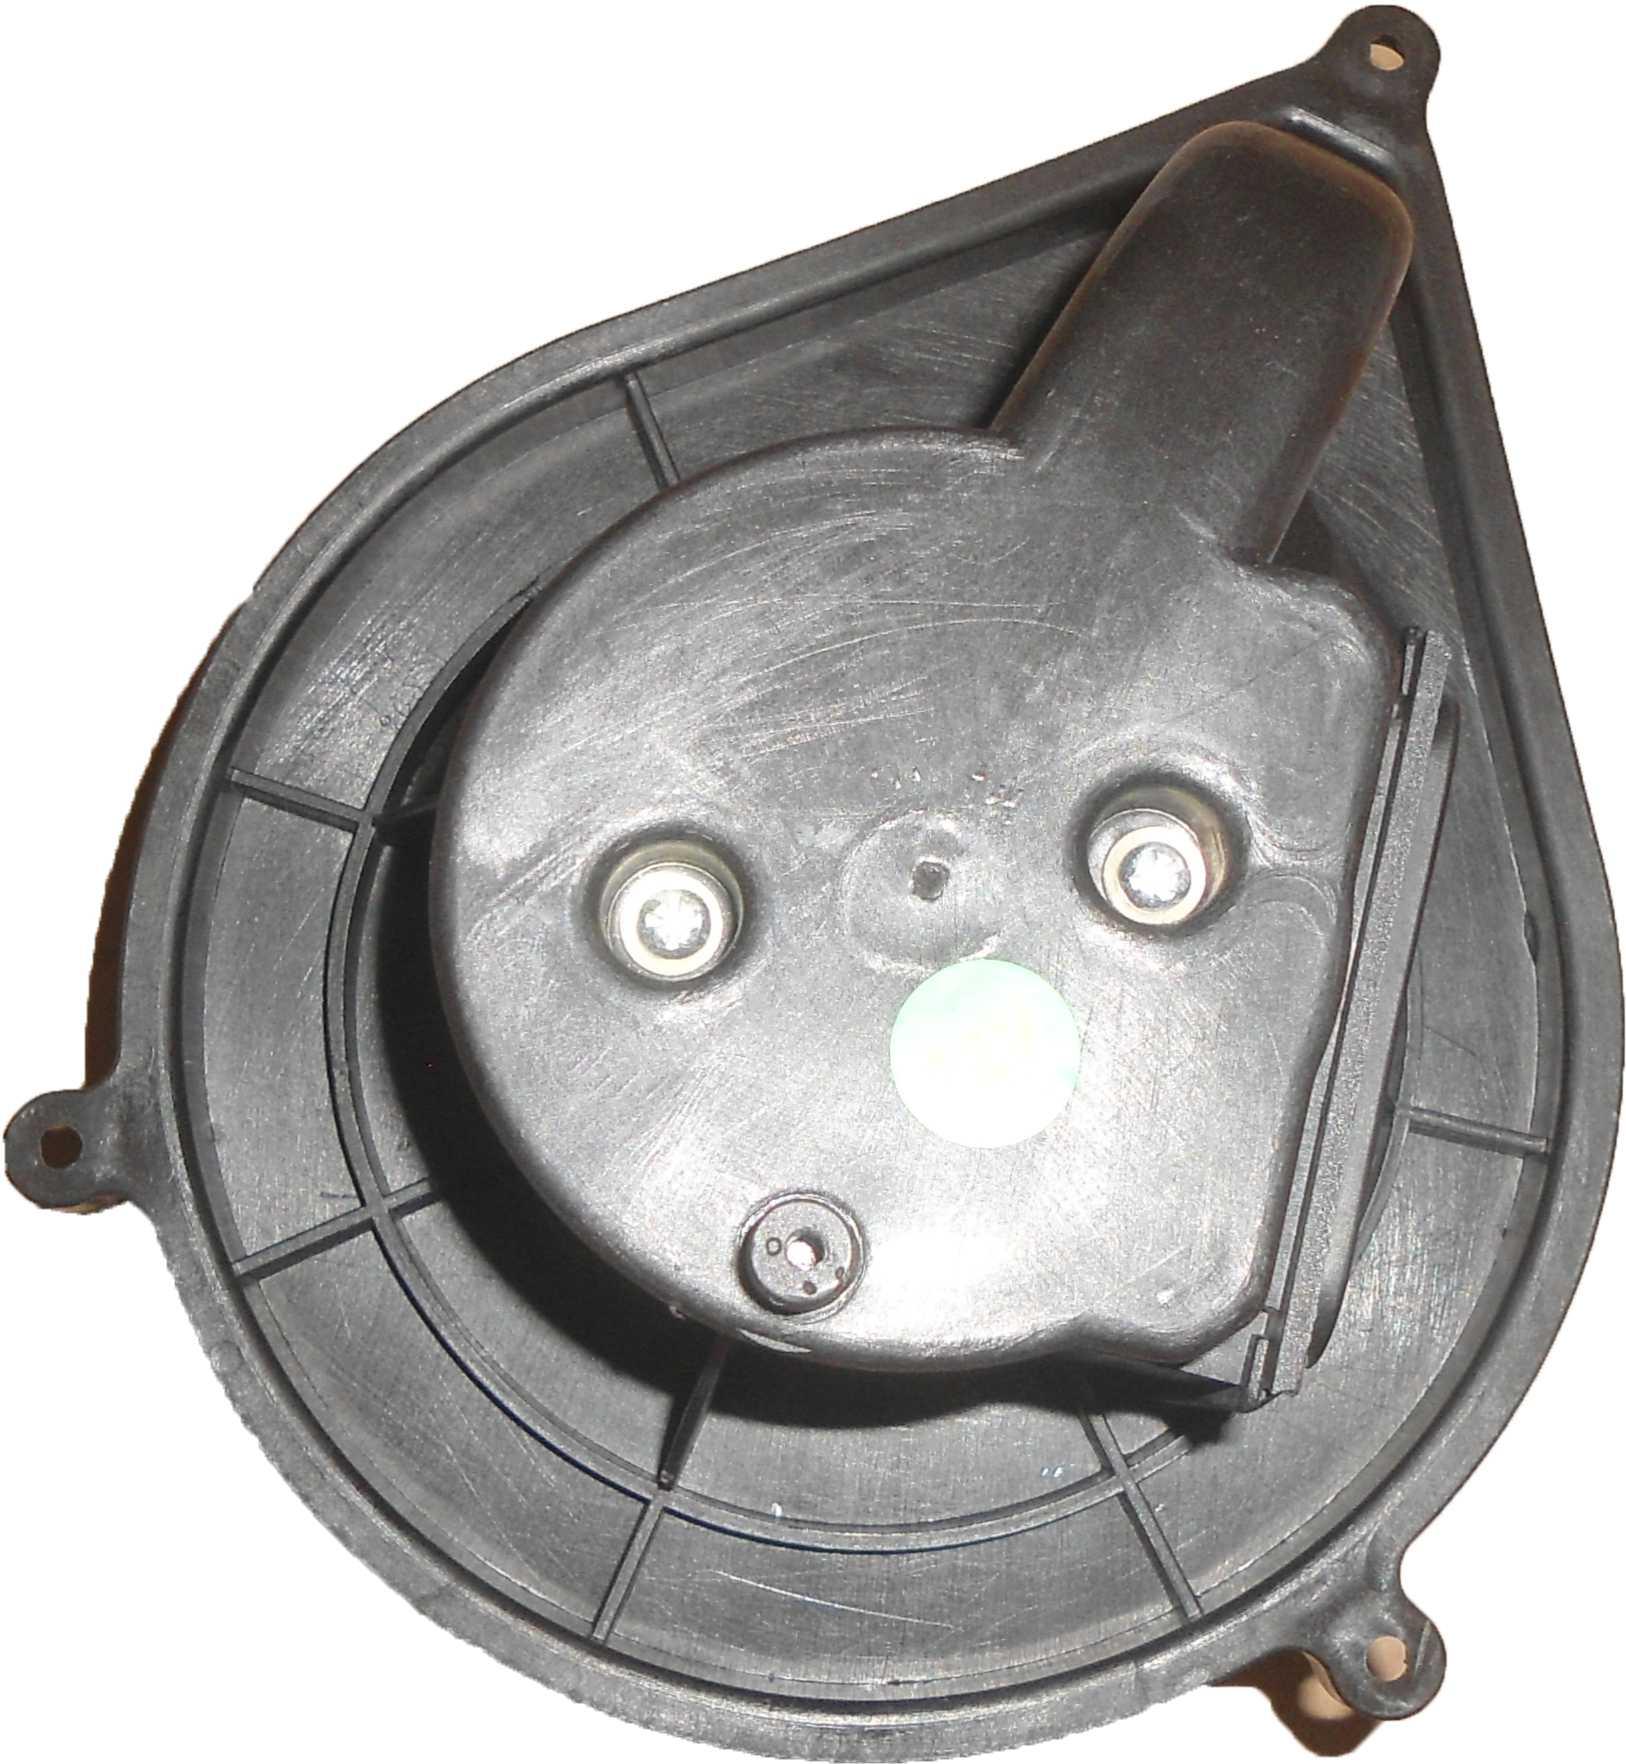 Motor Caixa Evaporadora - Volvo Fm/Fh 0214 24V Oem-21639688 Importado